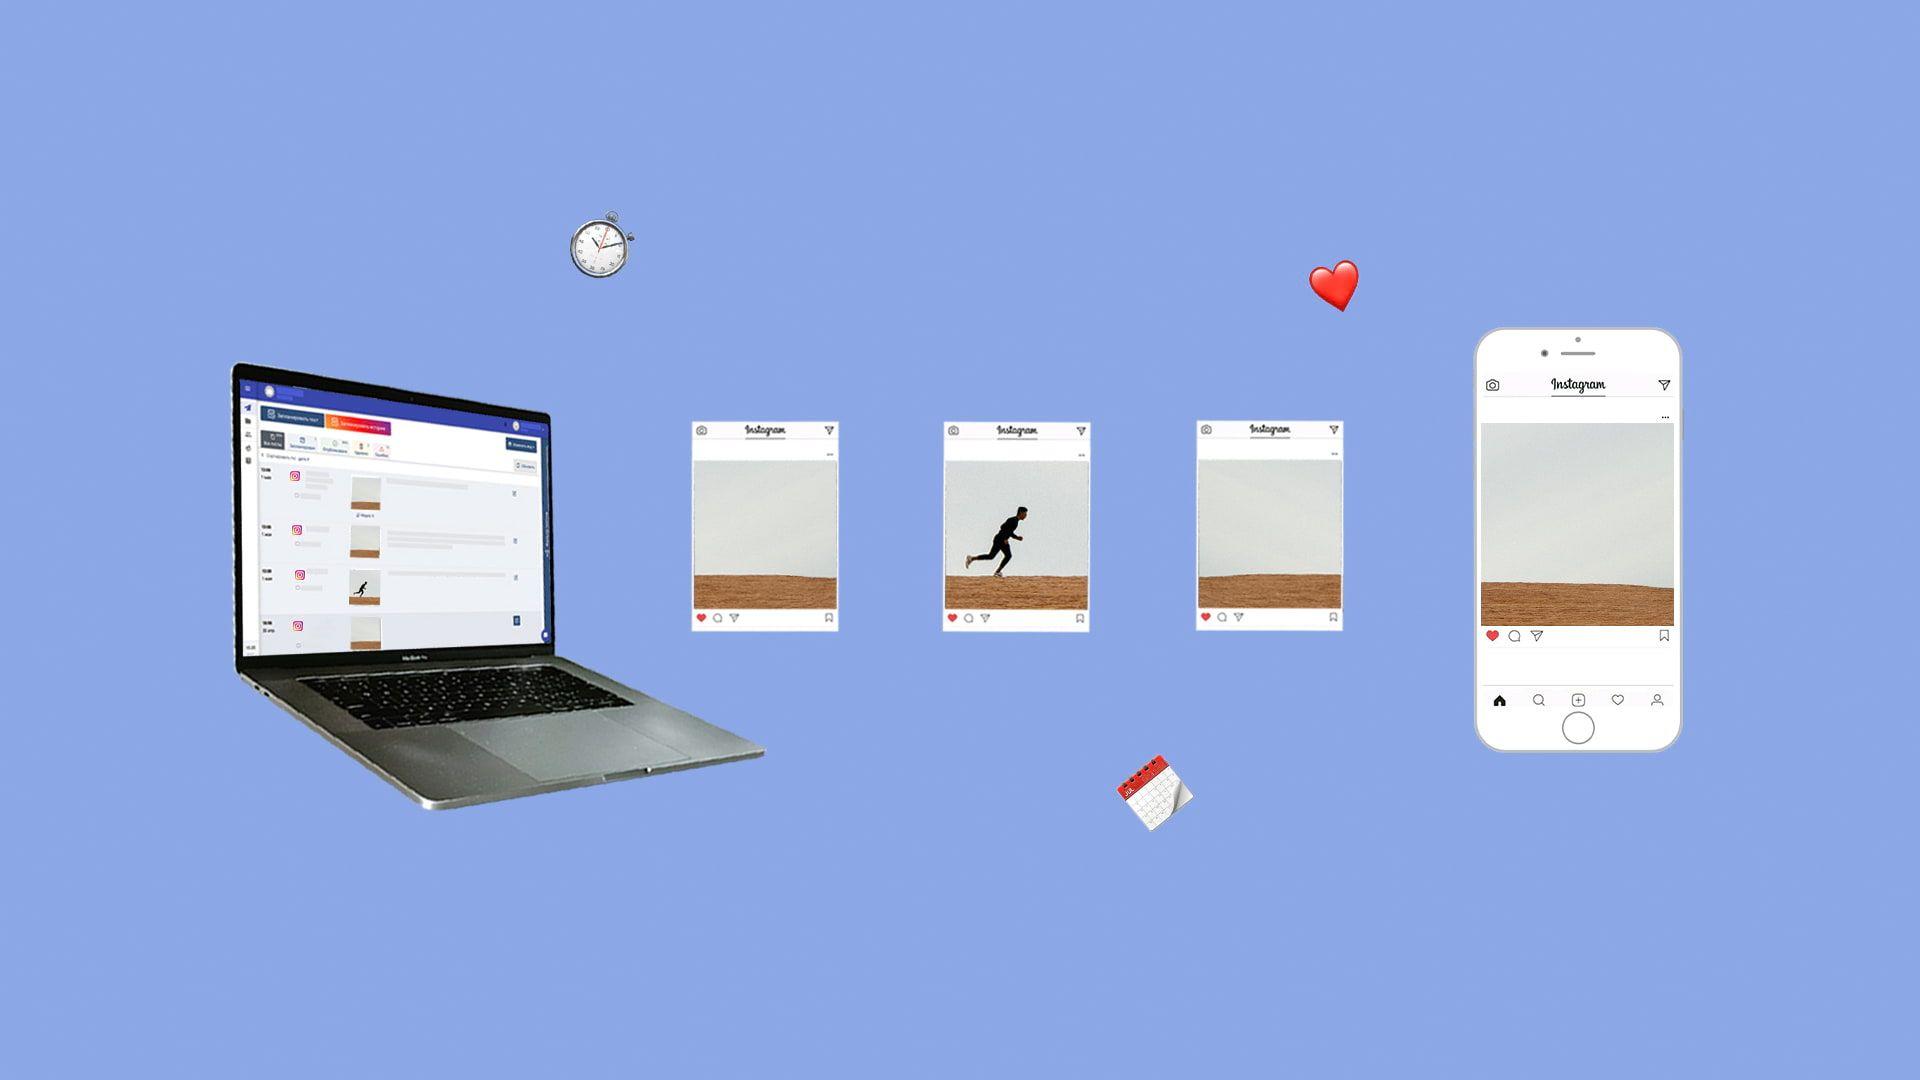 Как выложить фото в Инстаграм с компьютера онлайн